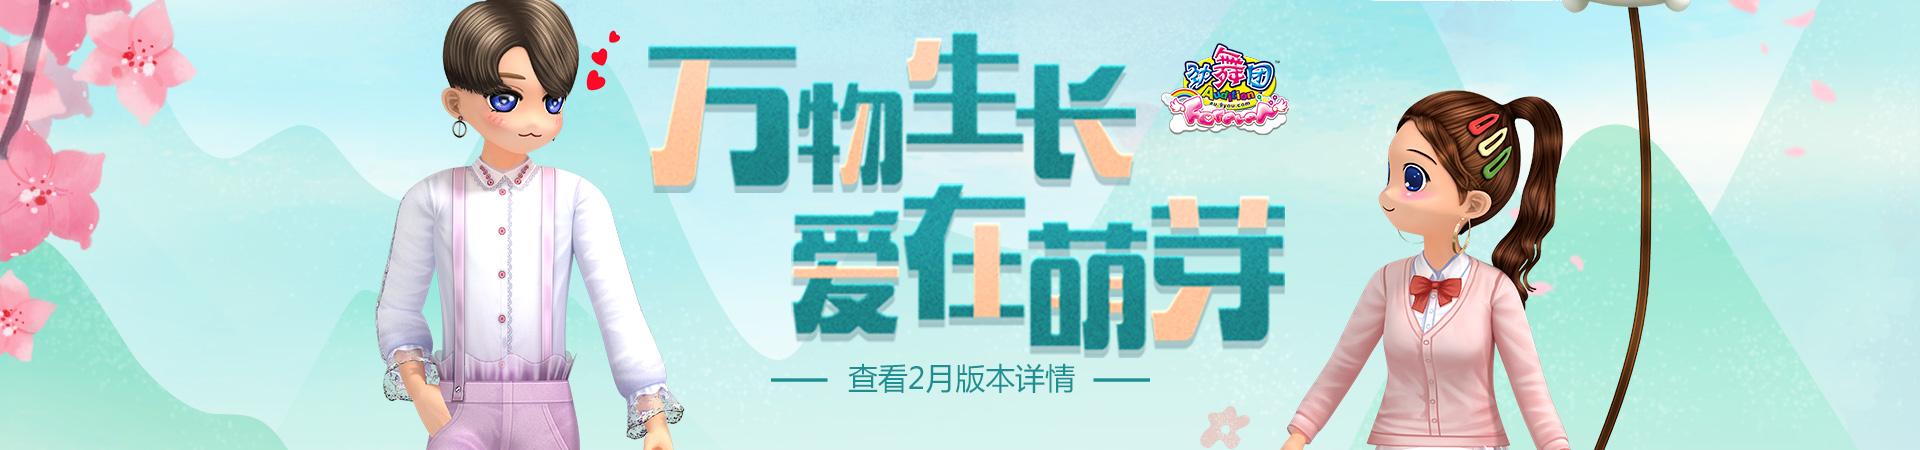 《劲舞团》2月版本 浪漫主义!